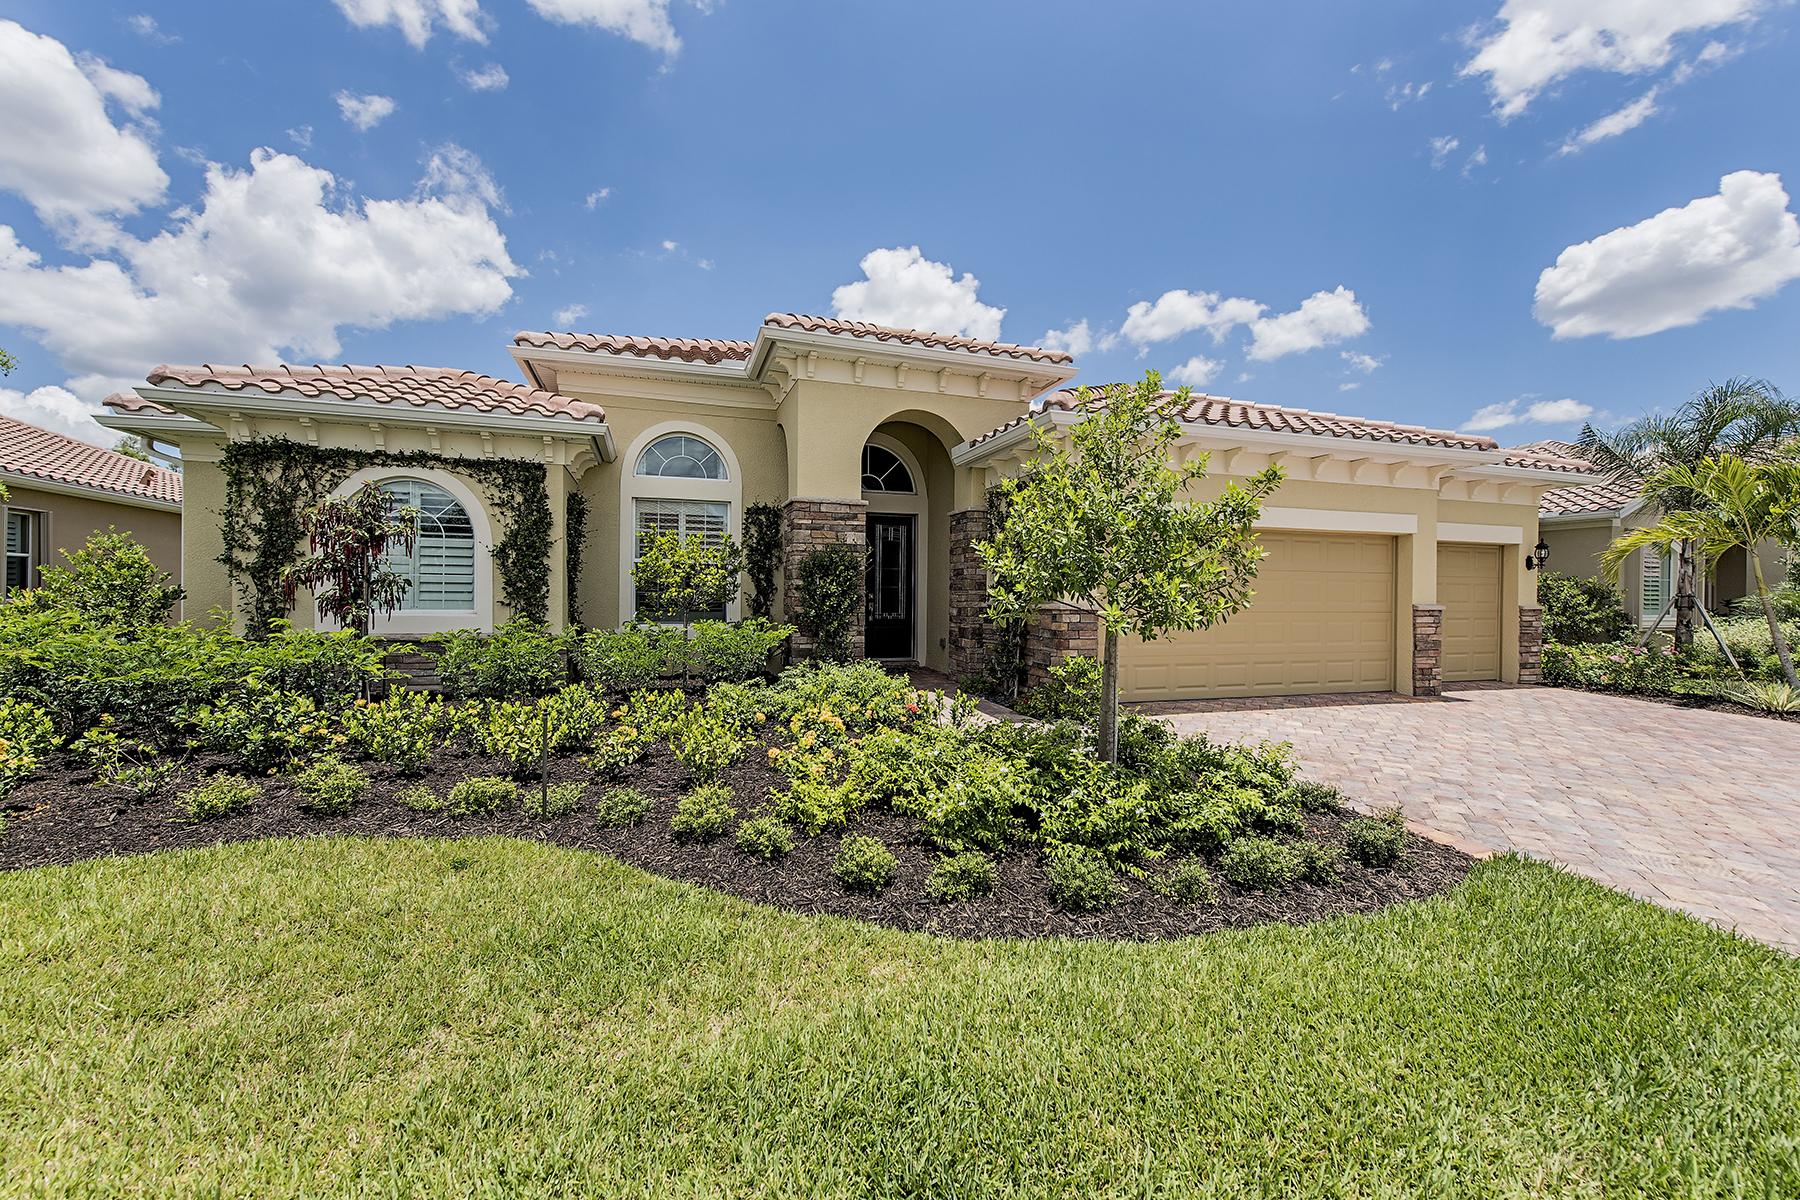 단독 가정 주택 용 매매 에 THE PLANTATION - SOMERSET 12819 Guildford Terr Fort Myers, 플로리다 33913 미국